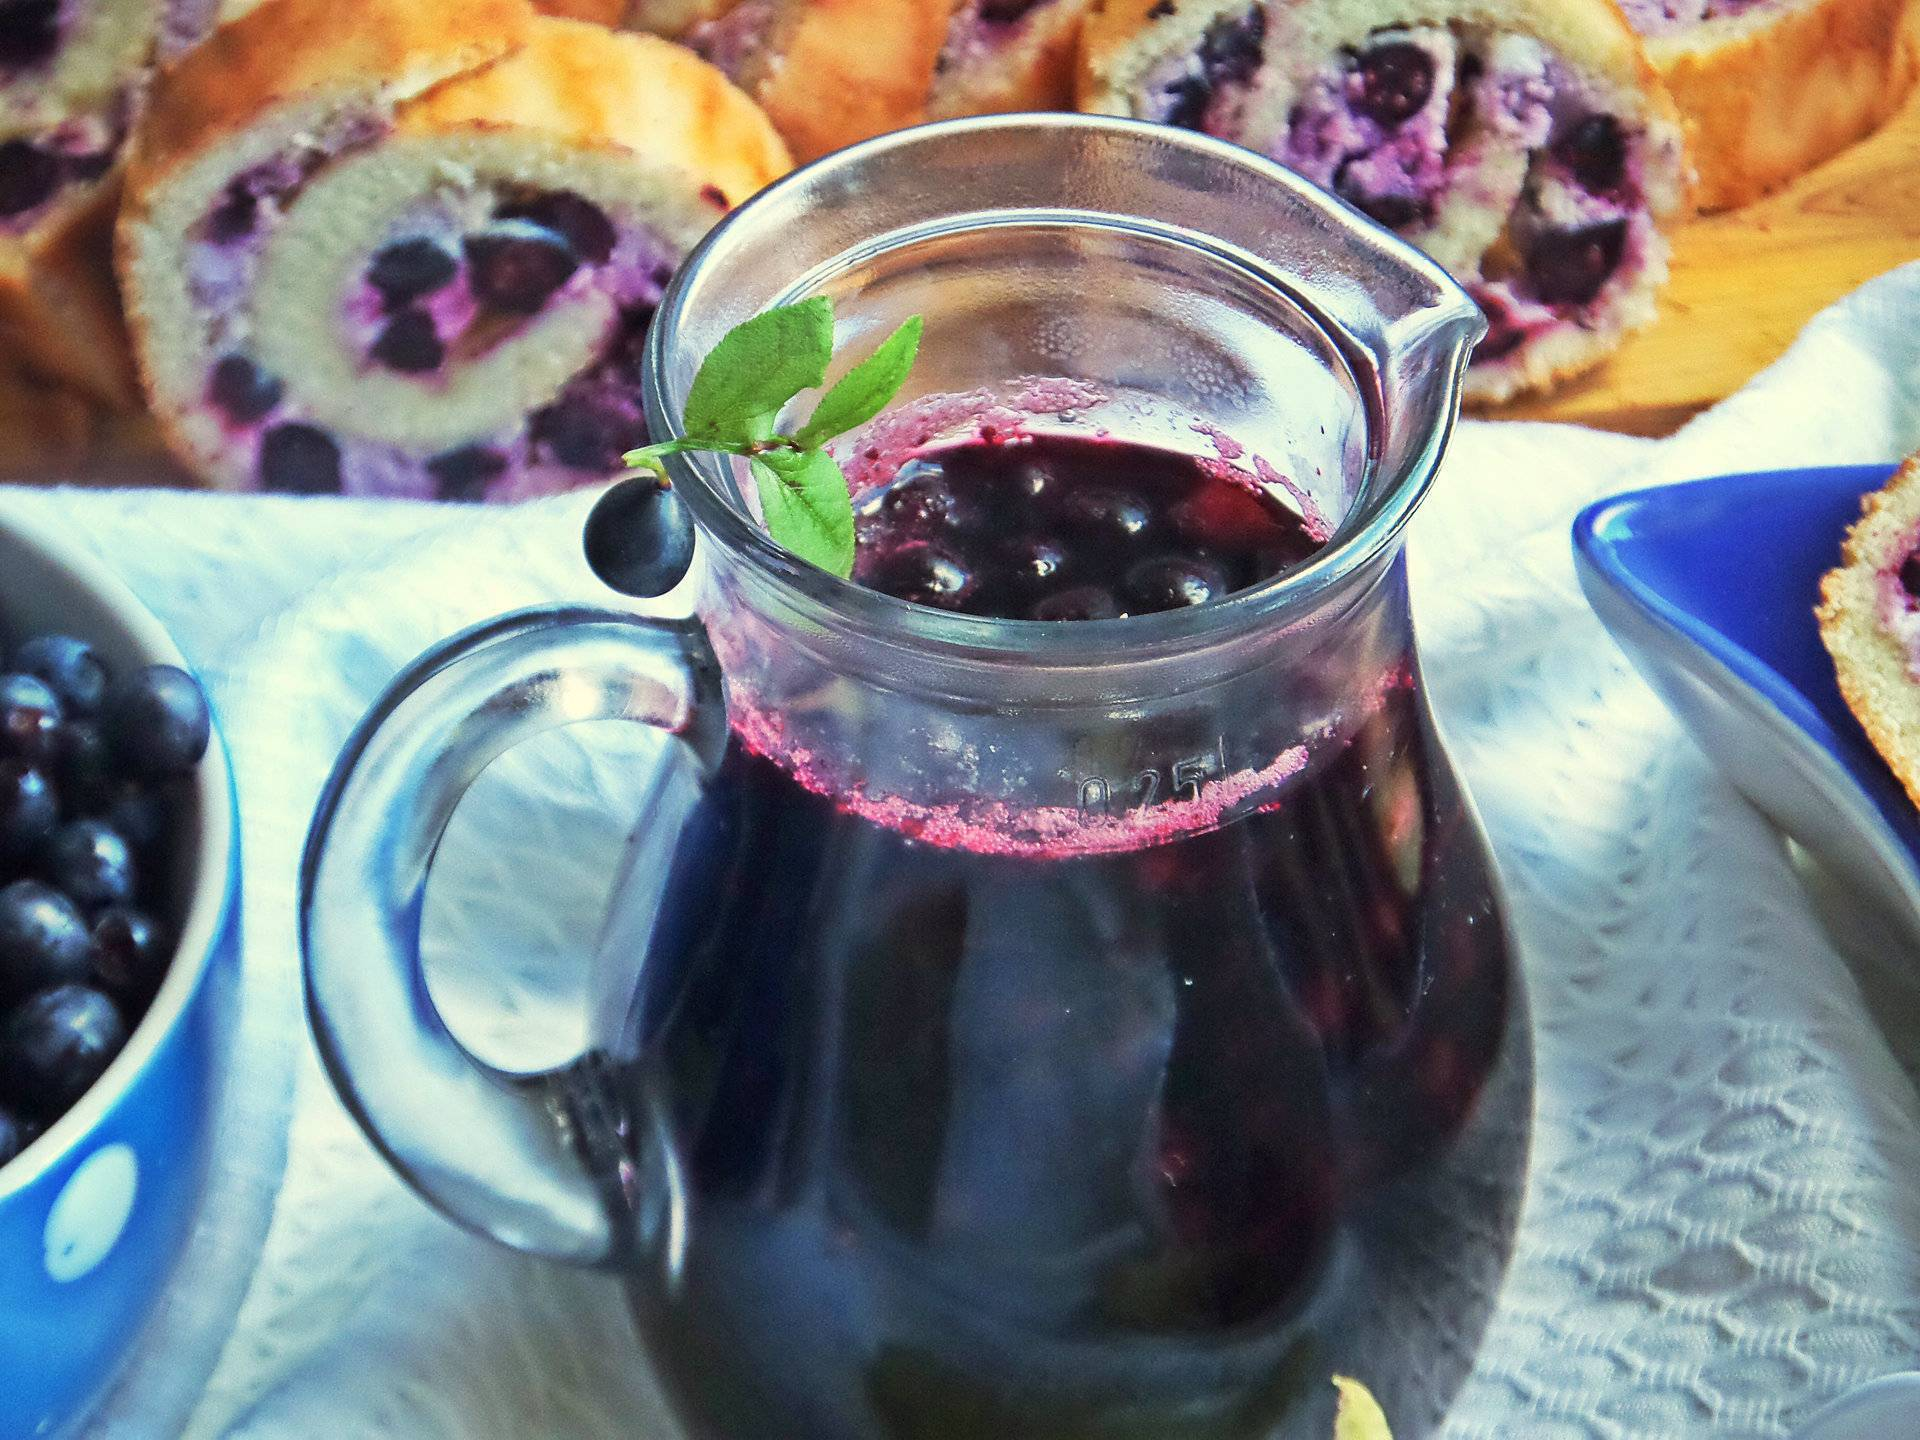 Кисель из замороженных ягод и крахмала: рецепты, как приготовить